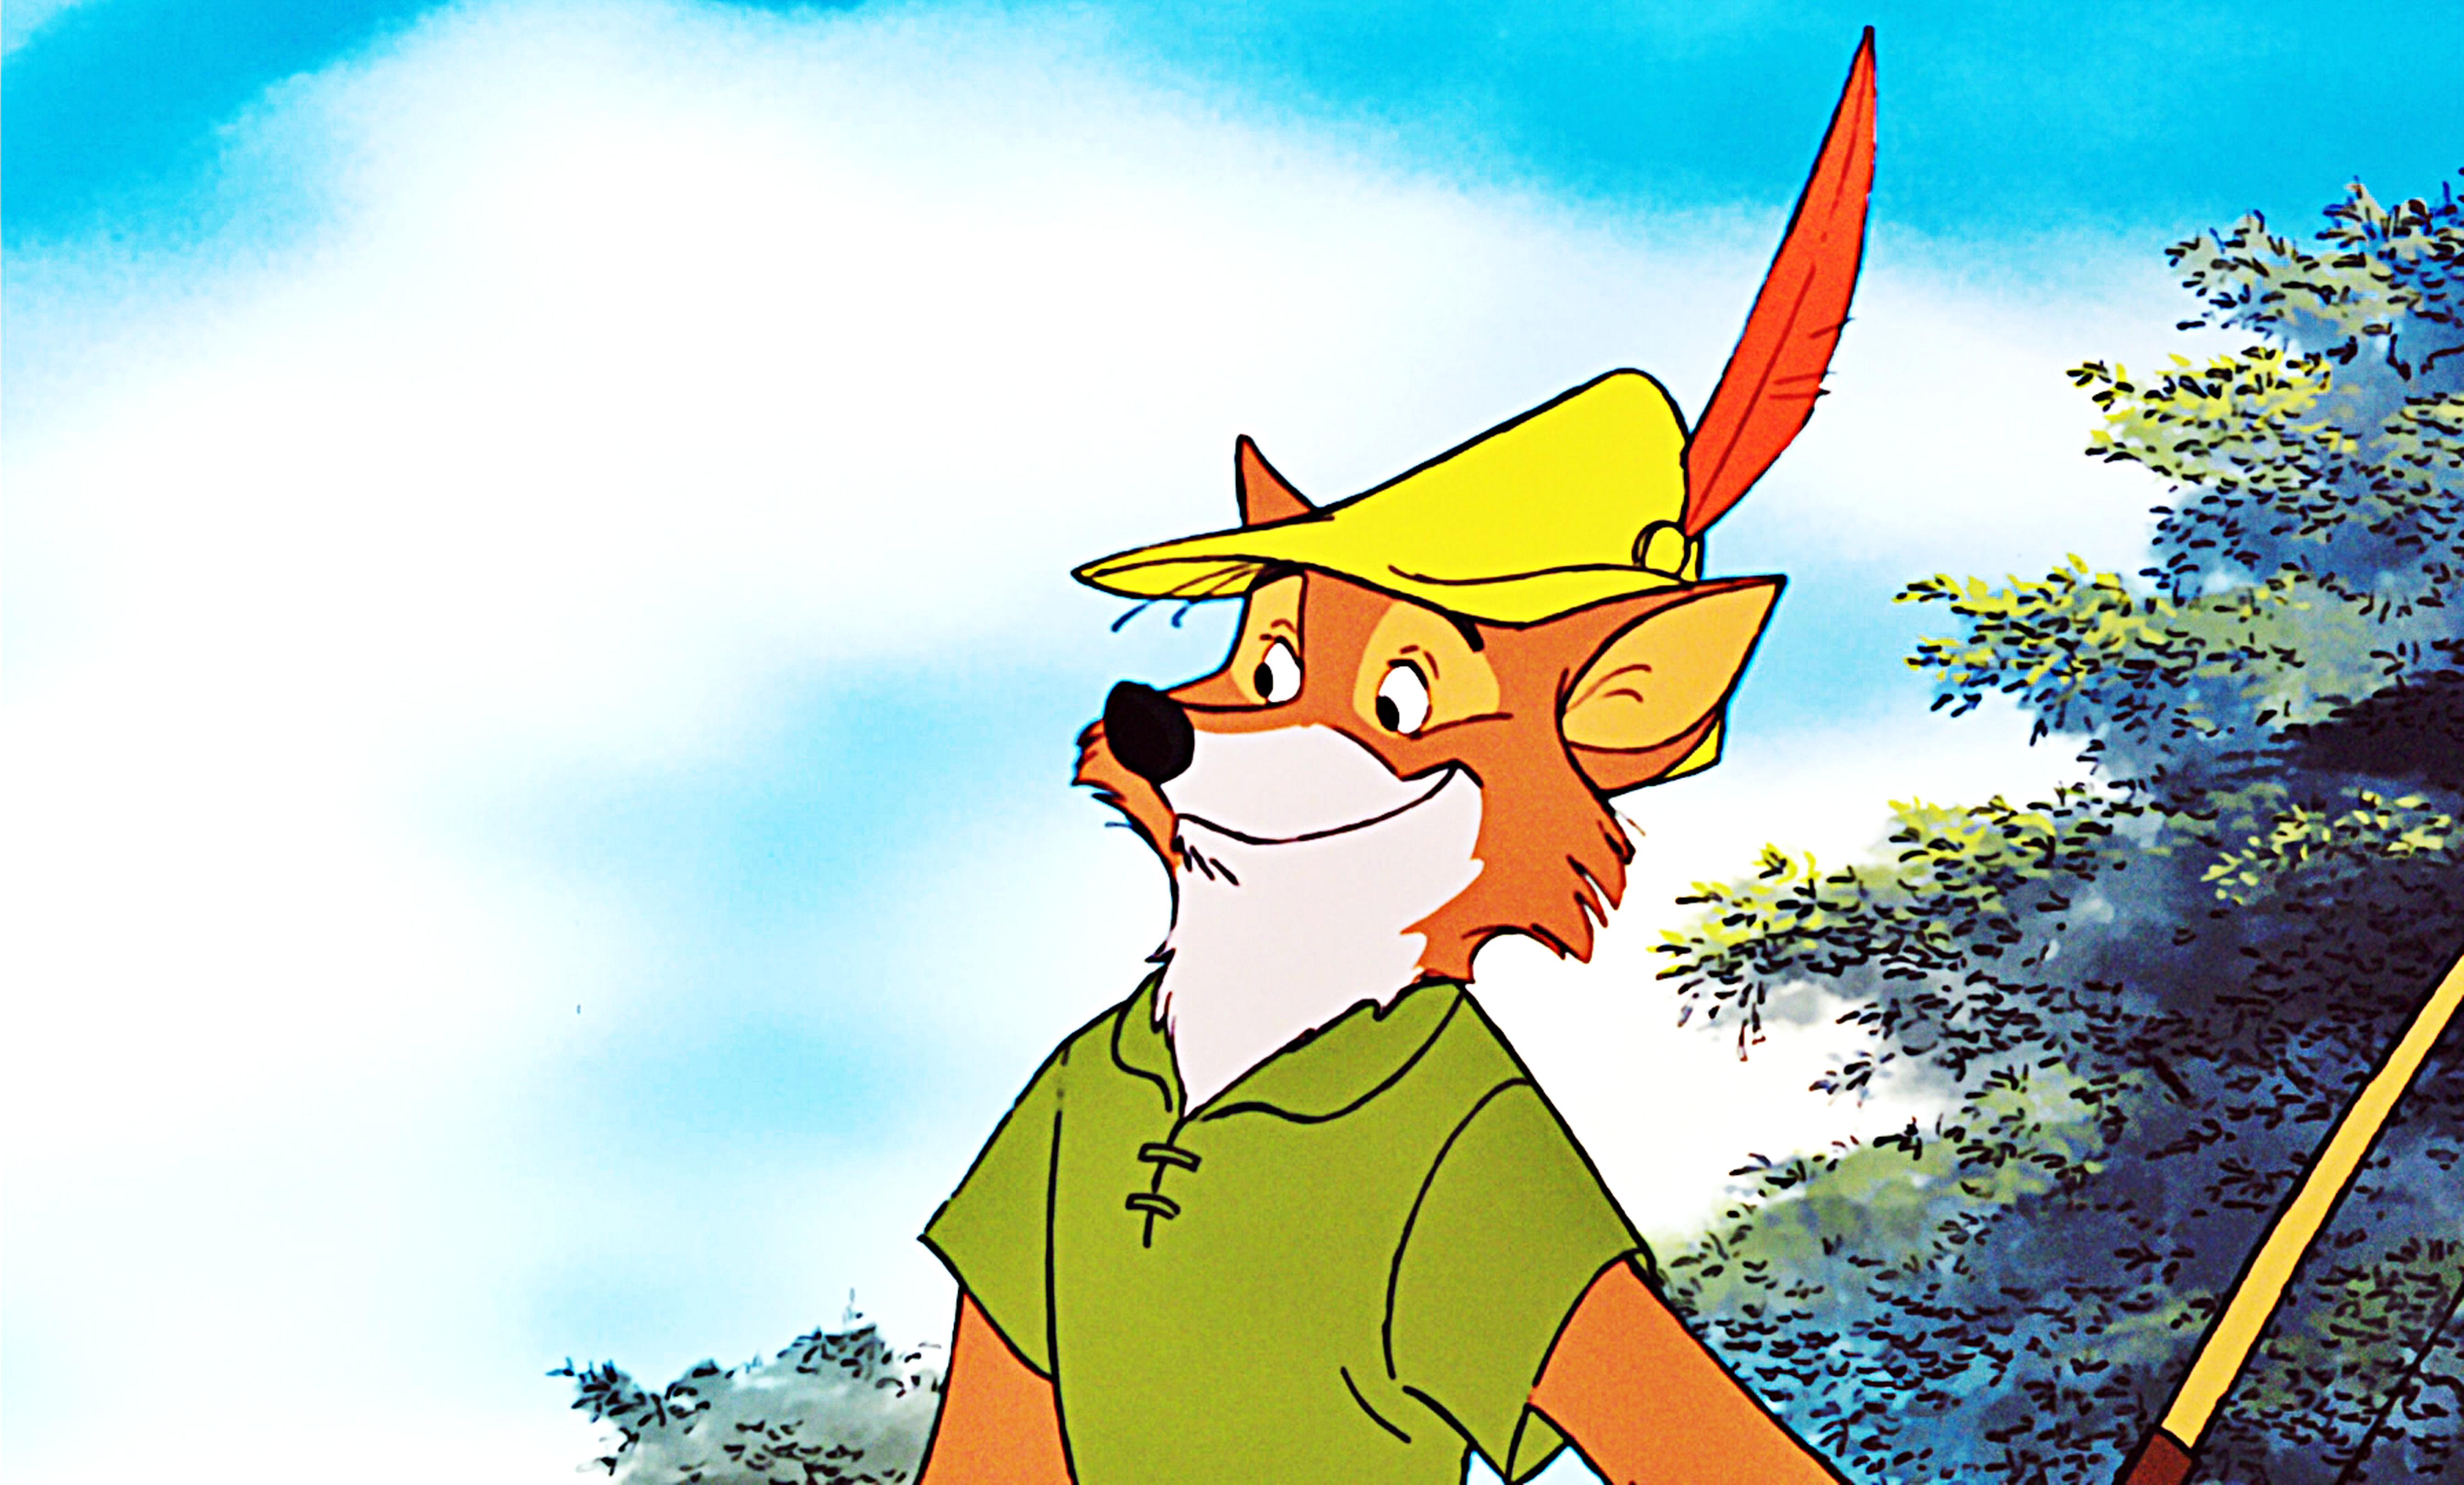 Personaggi Disney Immagini Walt Disney Screencaps Robin Cappuccio